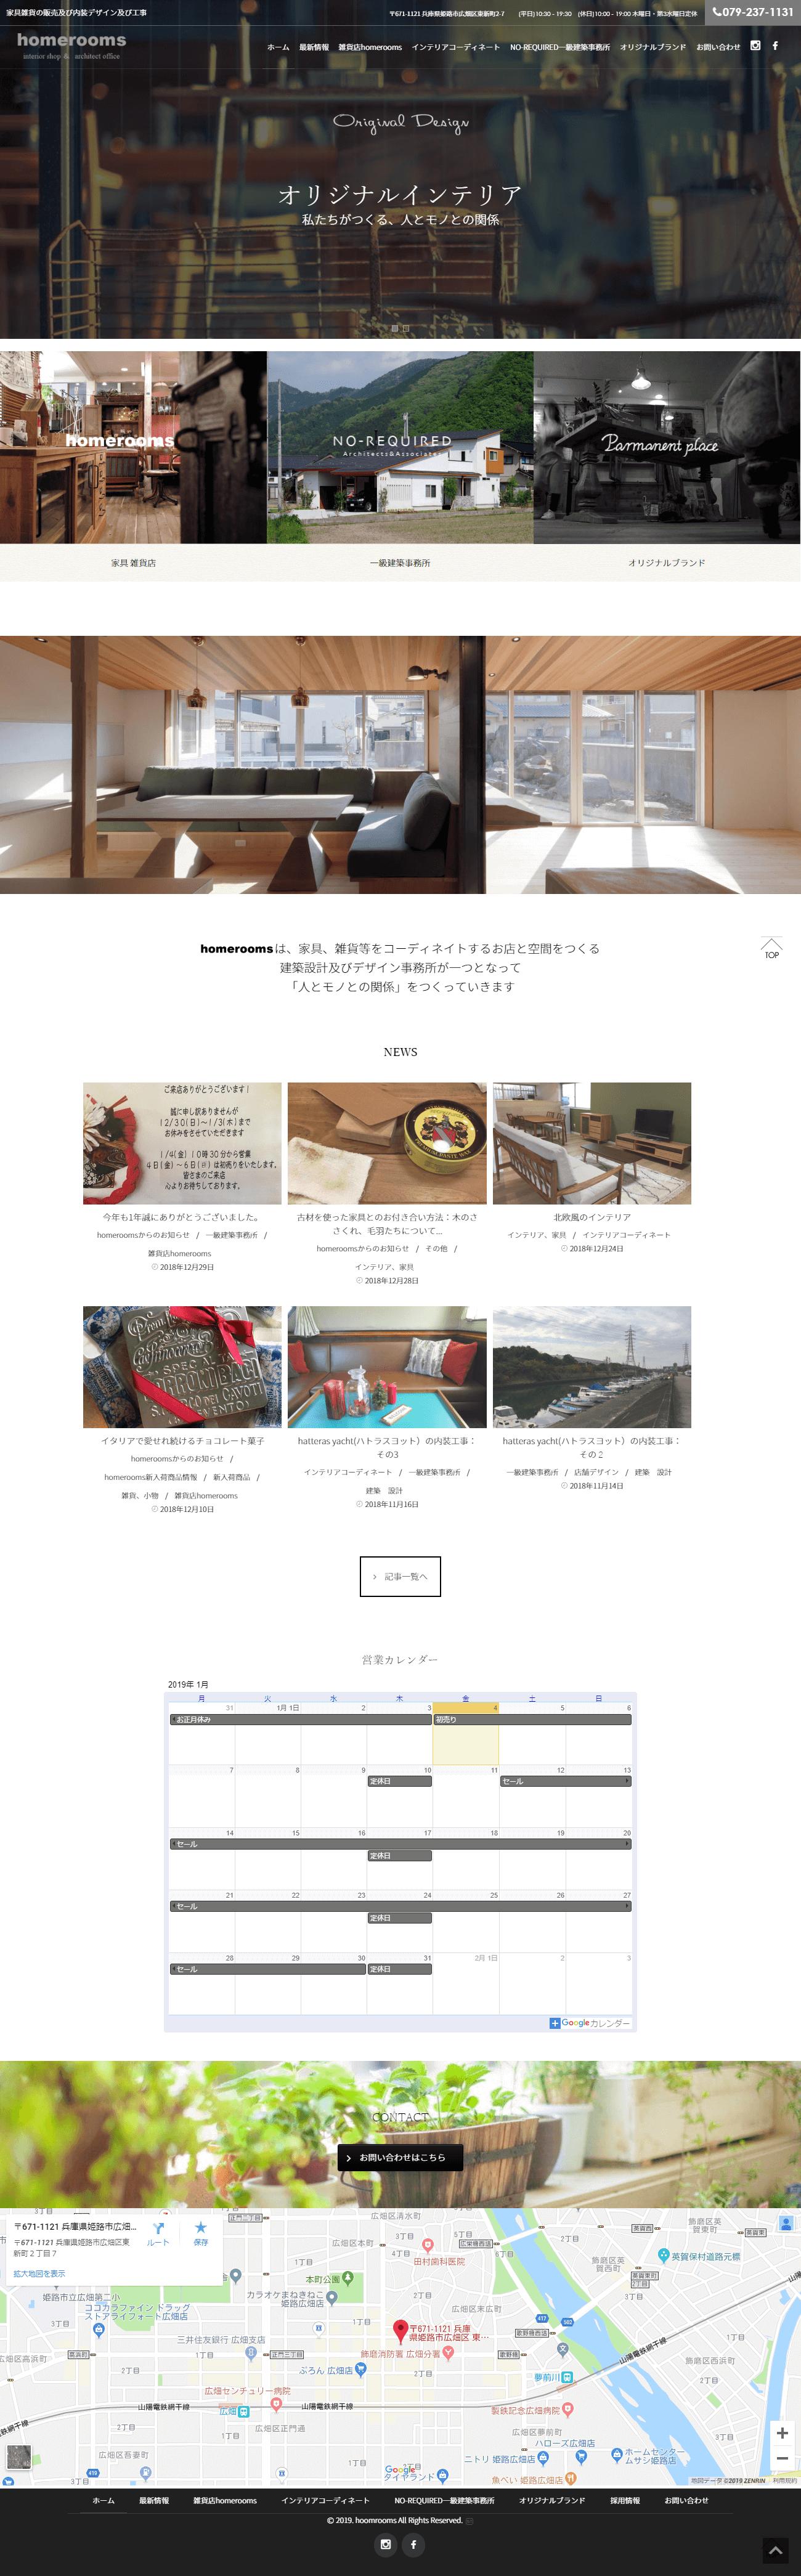 姫路 家具・雑貨屋 homerooms ホームページ制作1